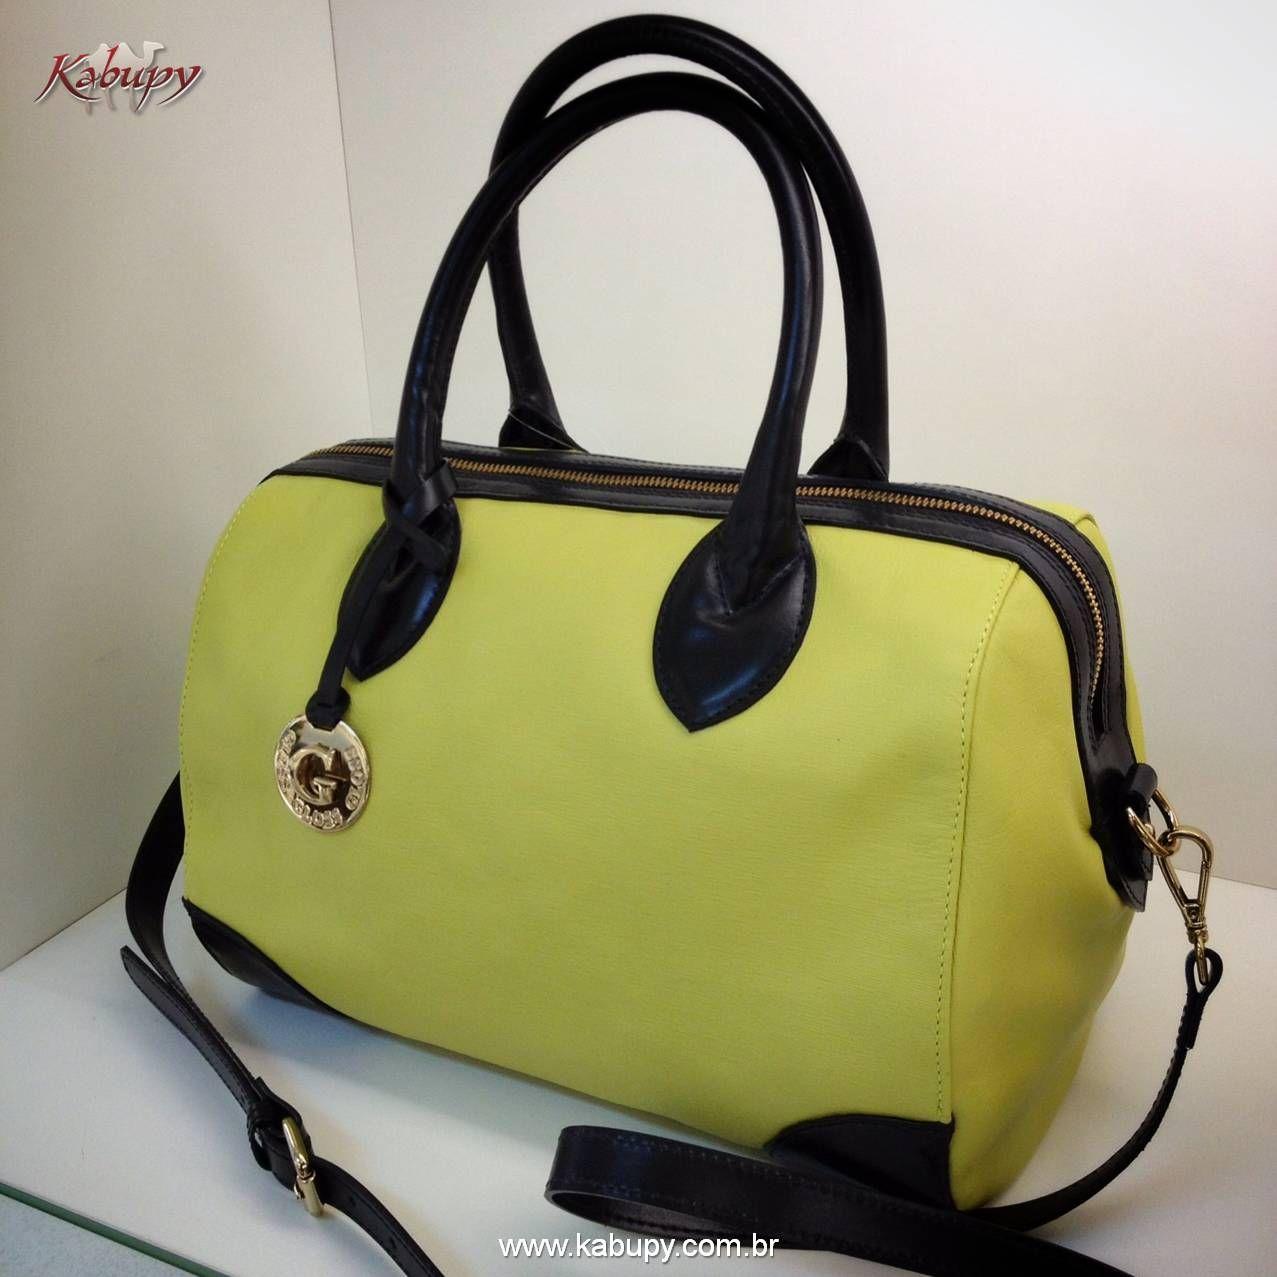 Bolsa feminina em couro amarelo com alças e detalhes em couro preto.